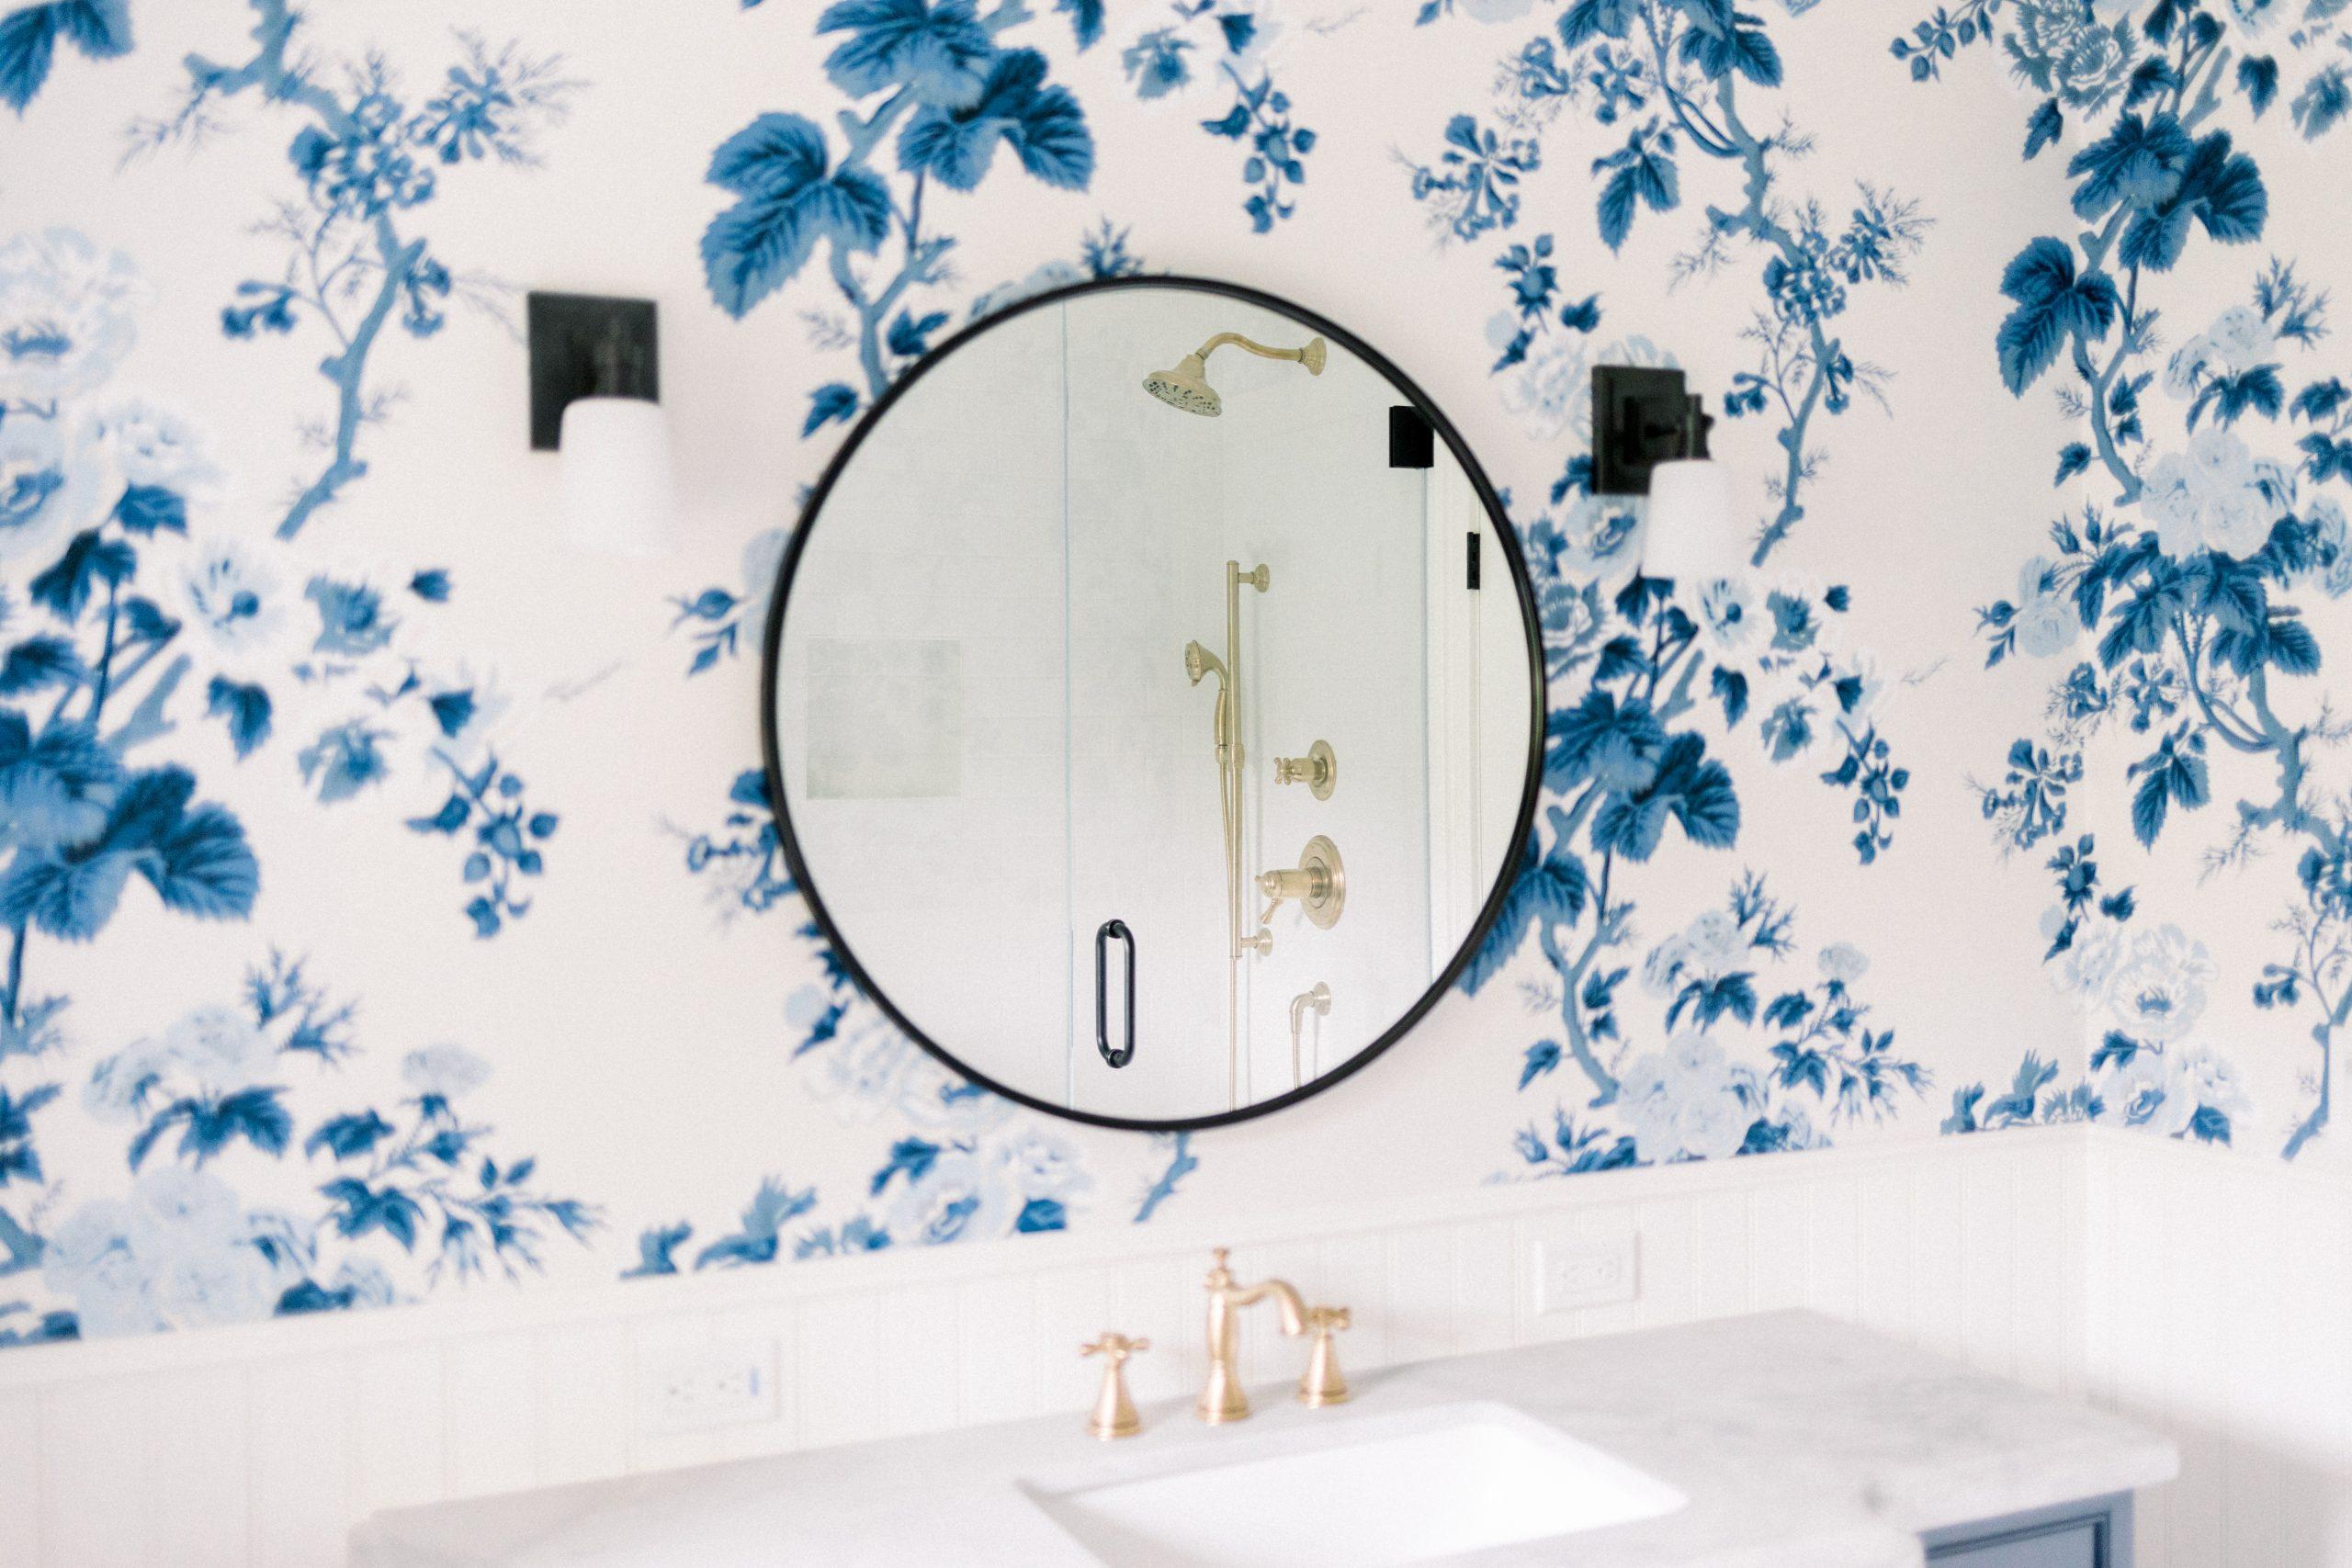 Round Vanity Mirror and Sconces